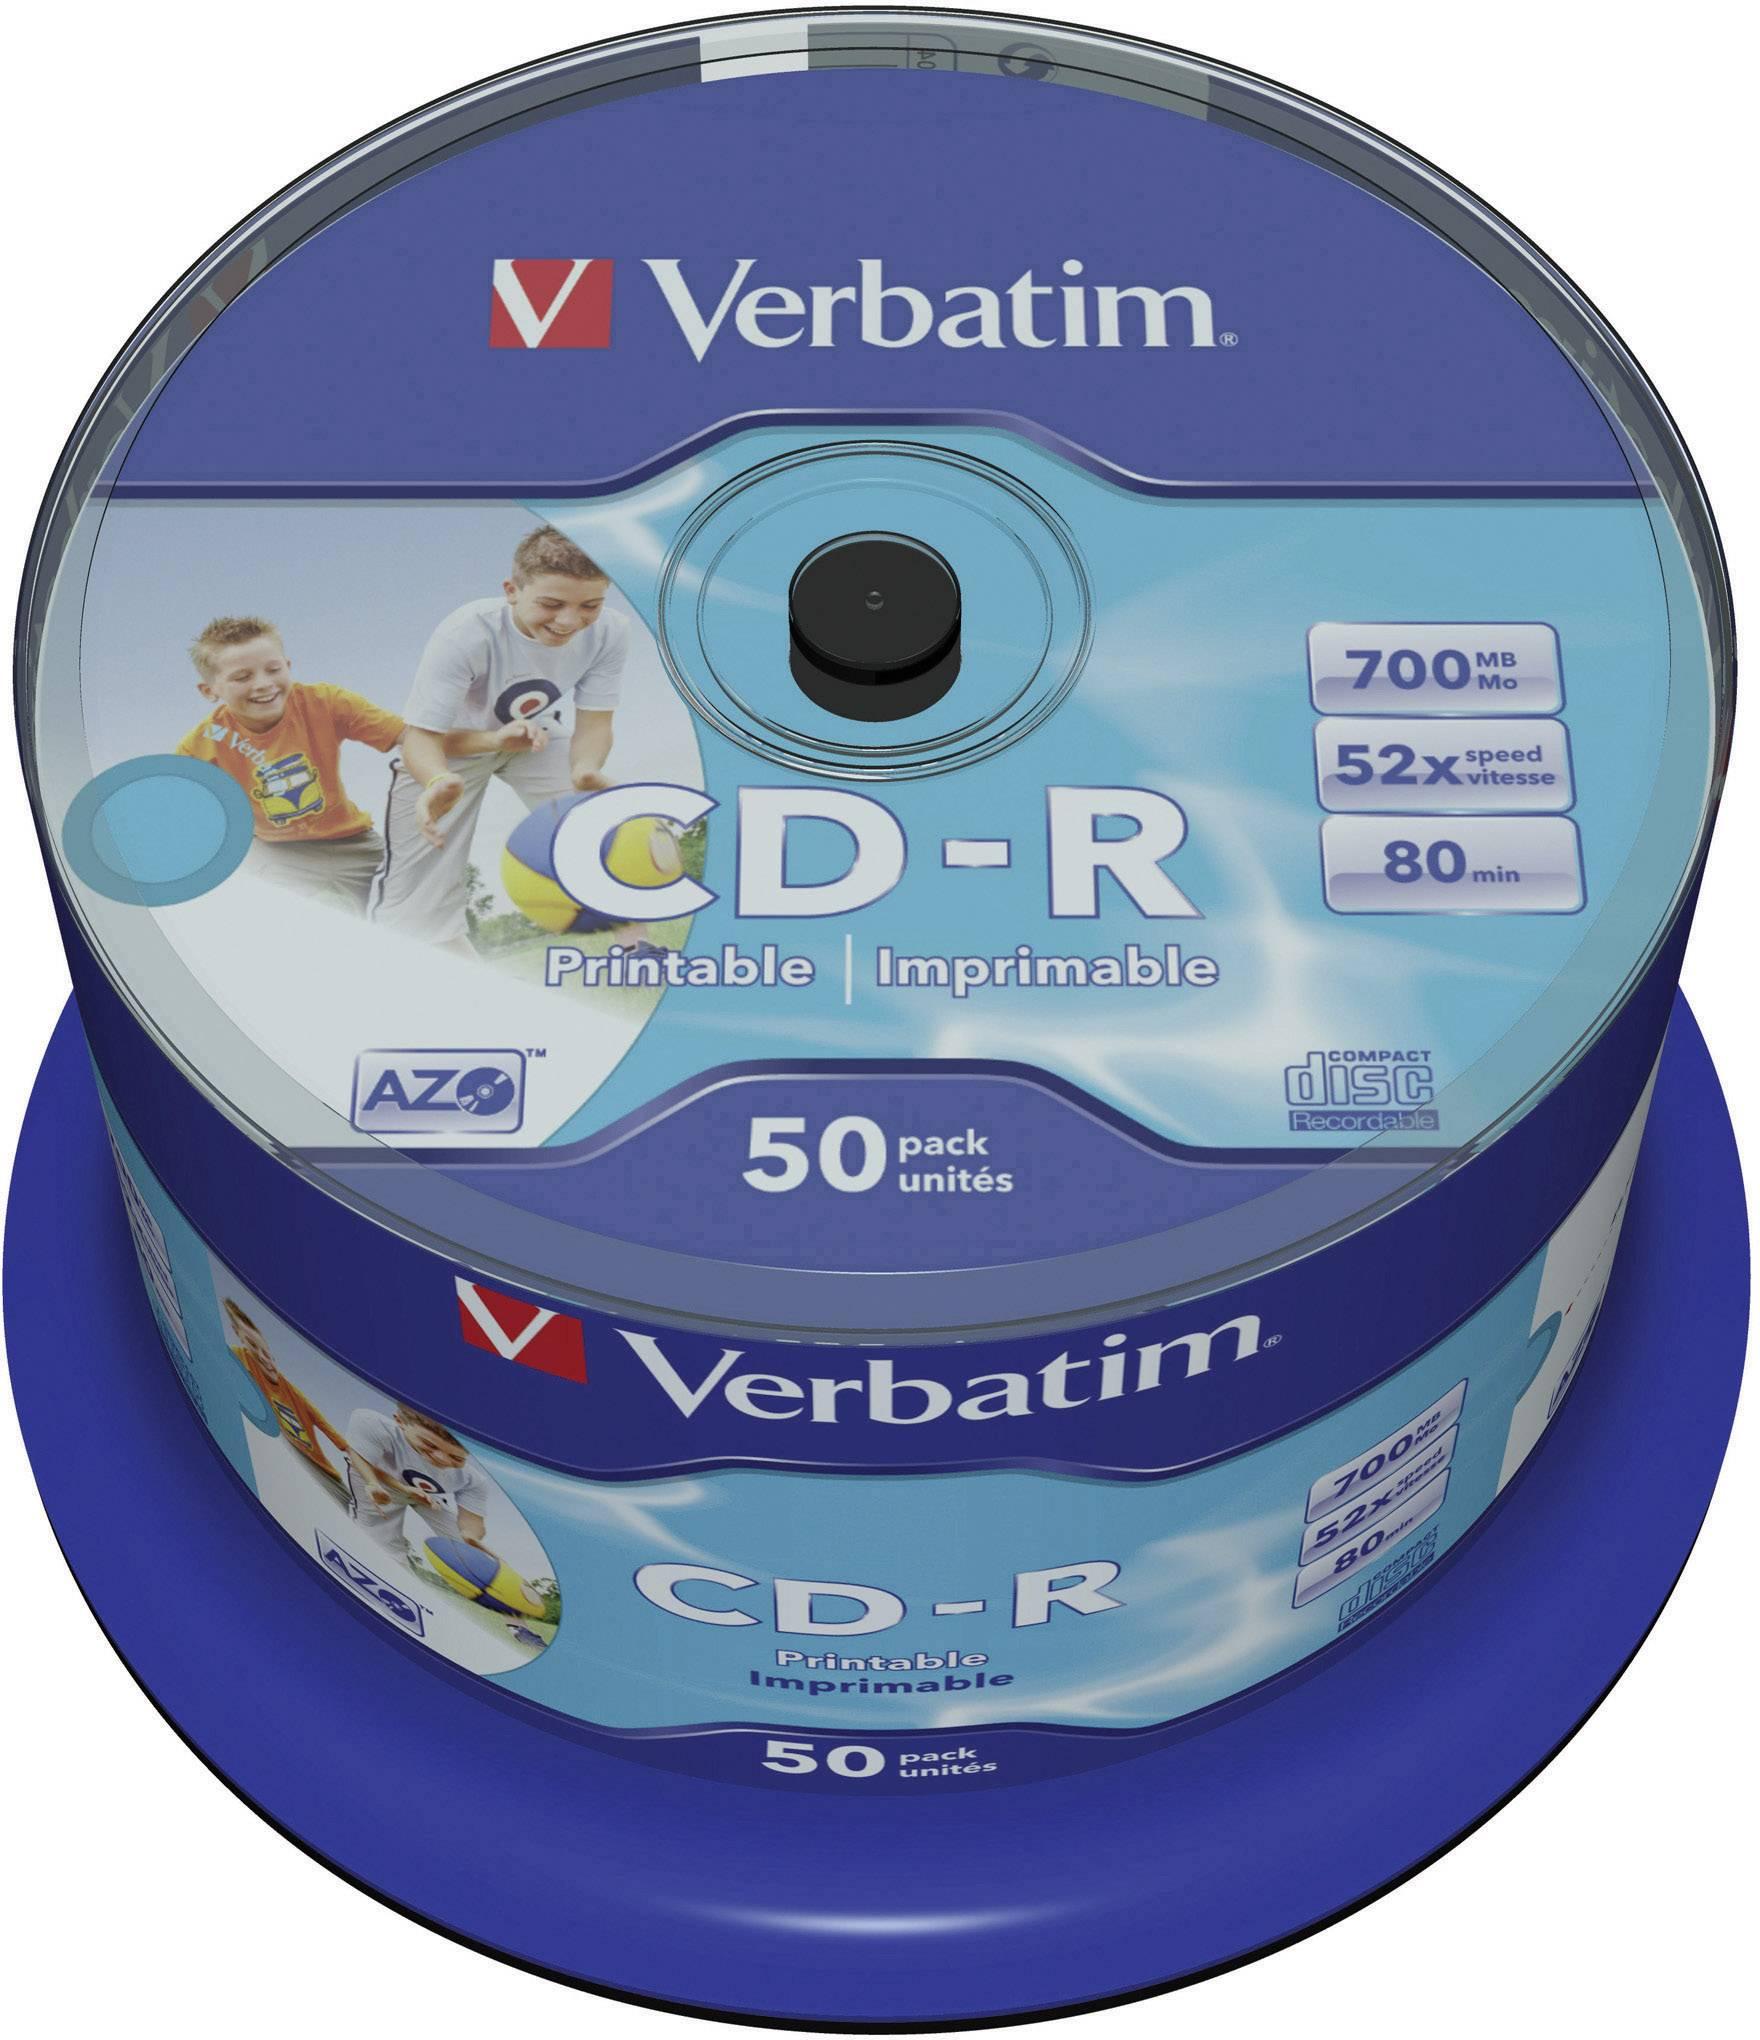 Verbatim CD-R80 700MB 52X 50 ks SP PRINT